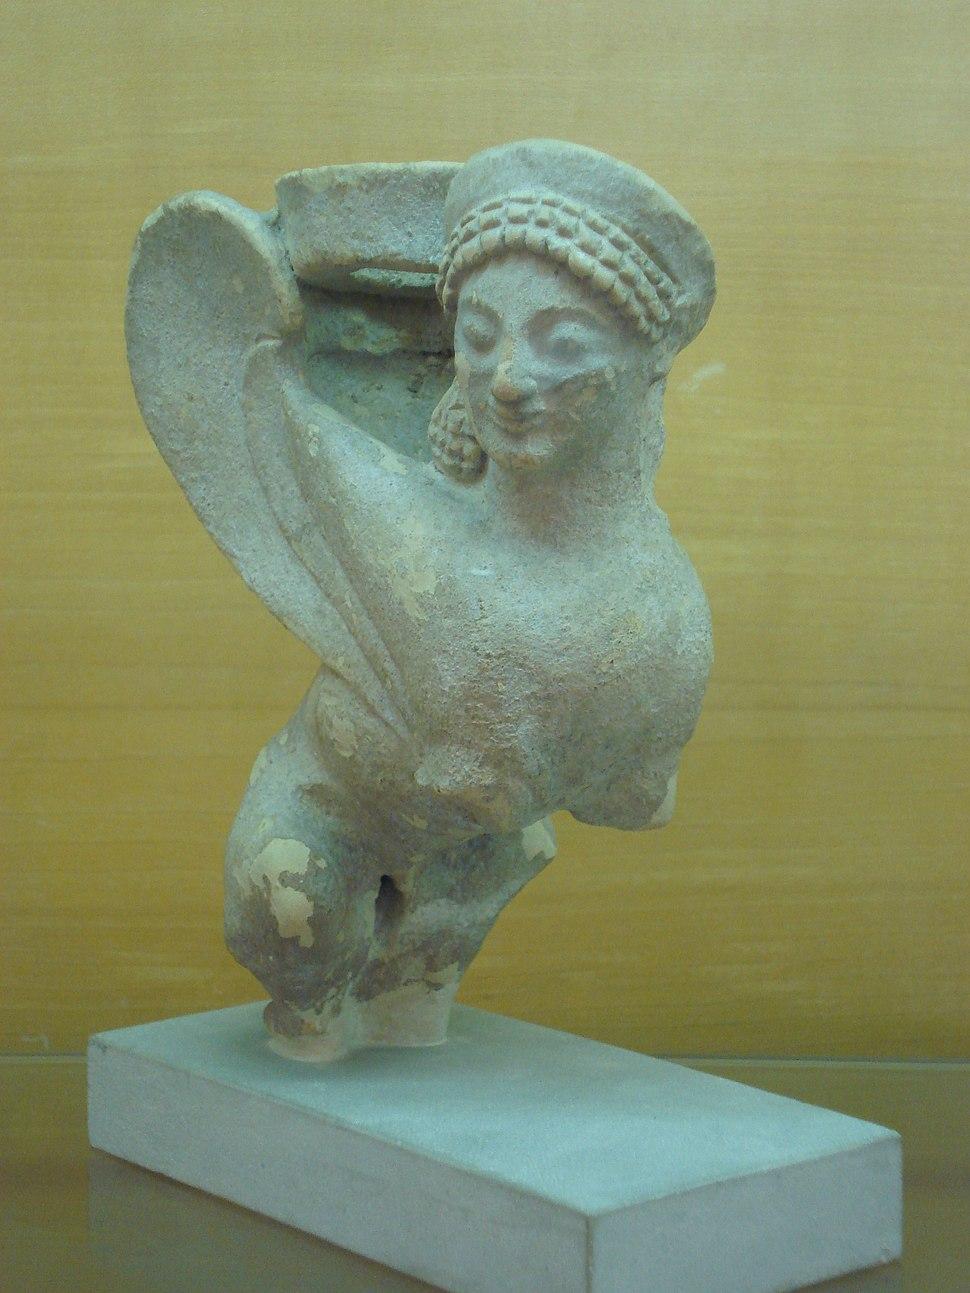 DSC00155 - Sfinge, da Selinunte - Foto di G. Dall'Orto